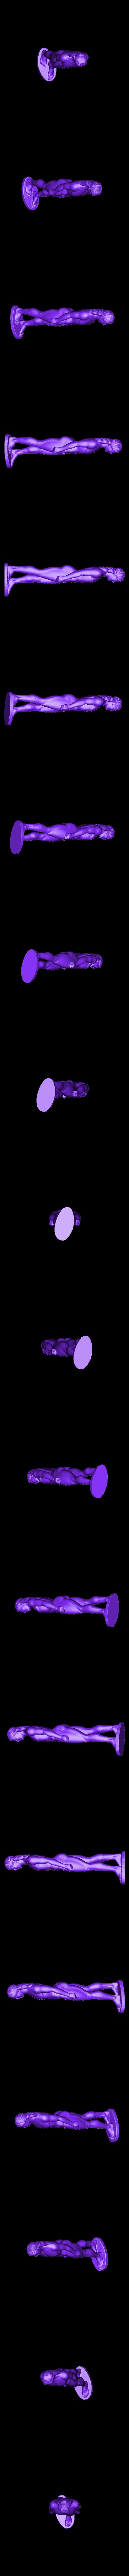 20150516_The_Getty_Kouros_by_CosmoWenman_MediumRes.stl Télécharger fichier OBJ gratuit Le Getty Kouros • Modèle pour imprimante 3D, Ghashgar